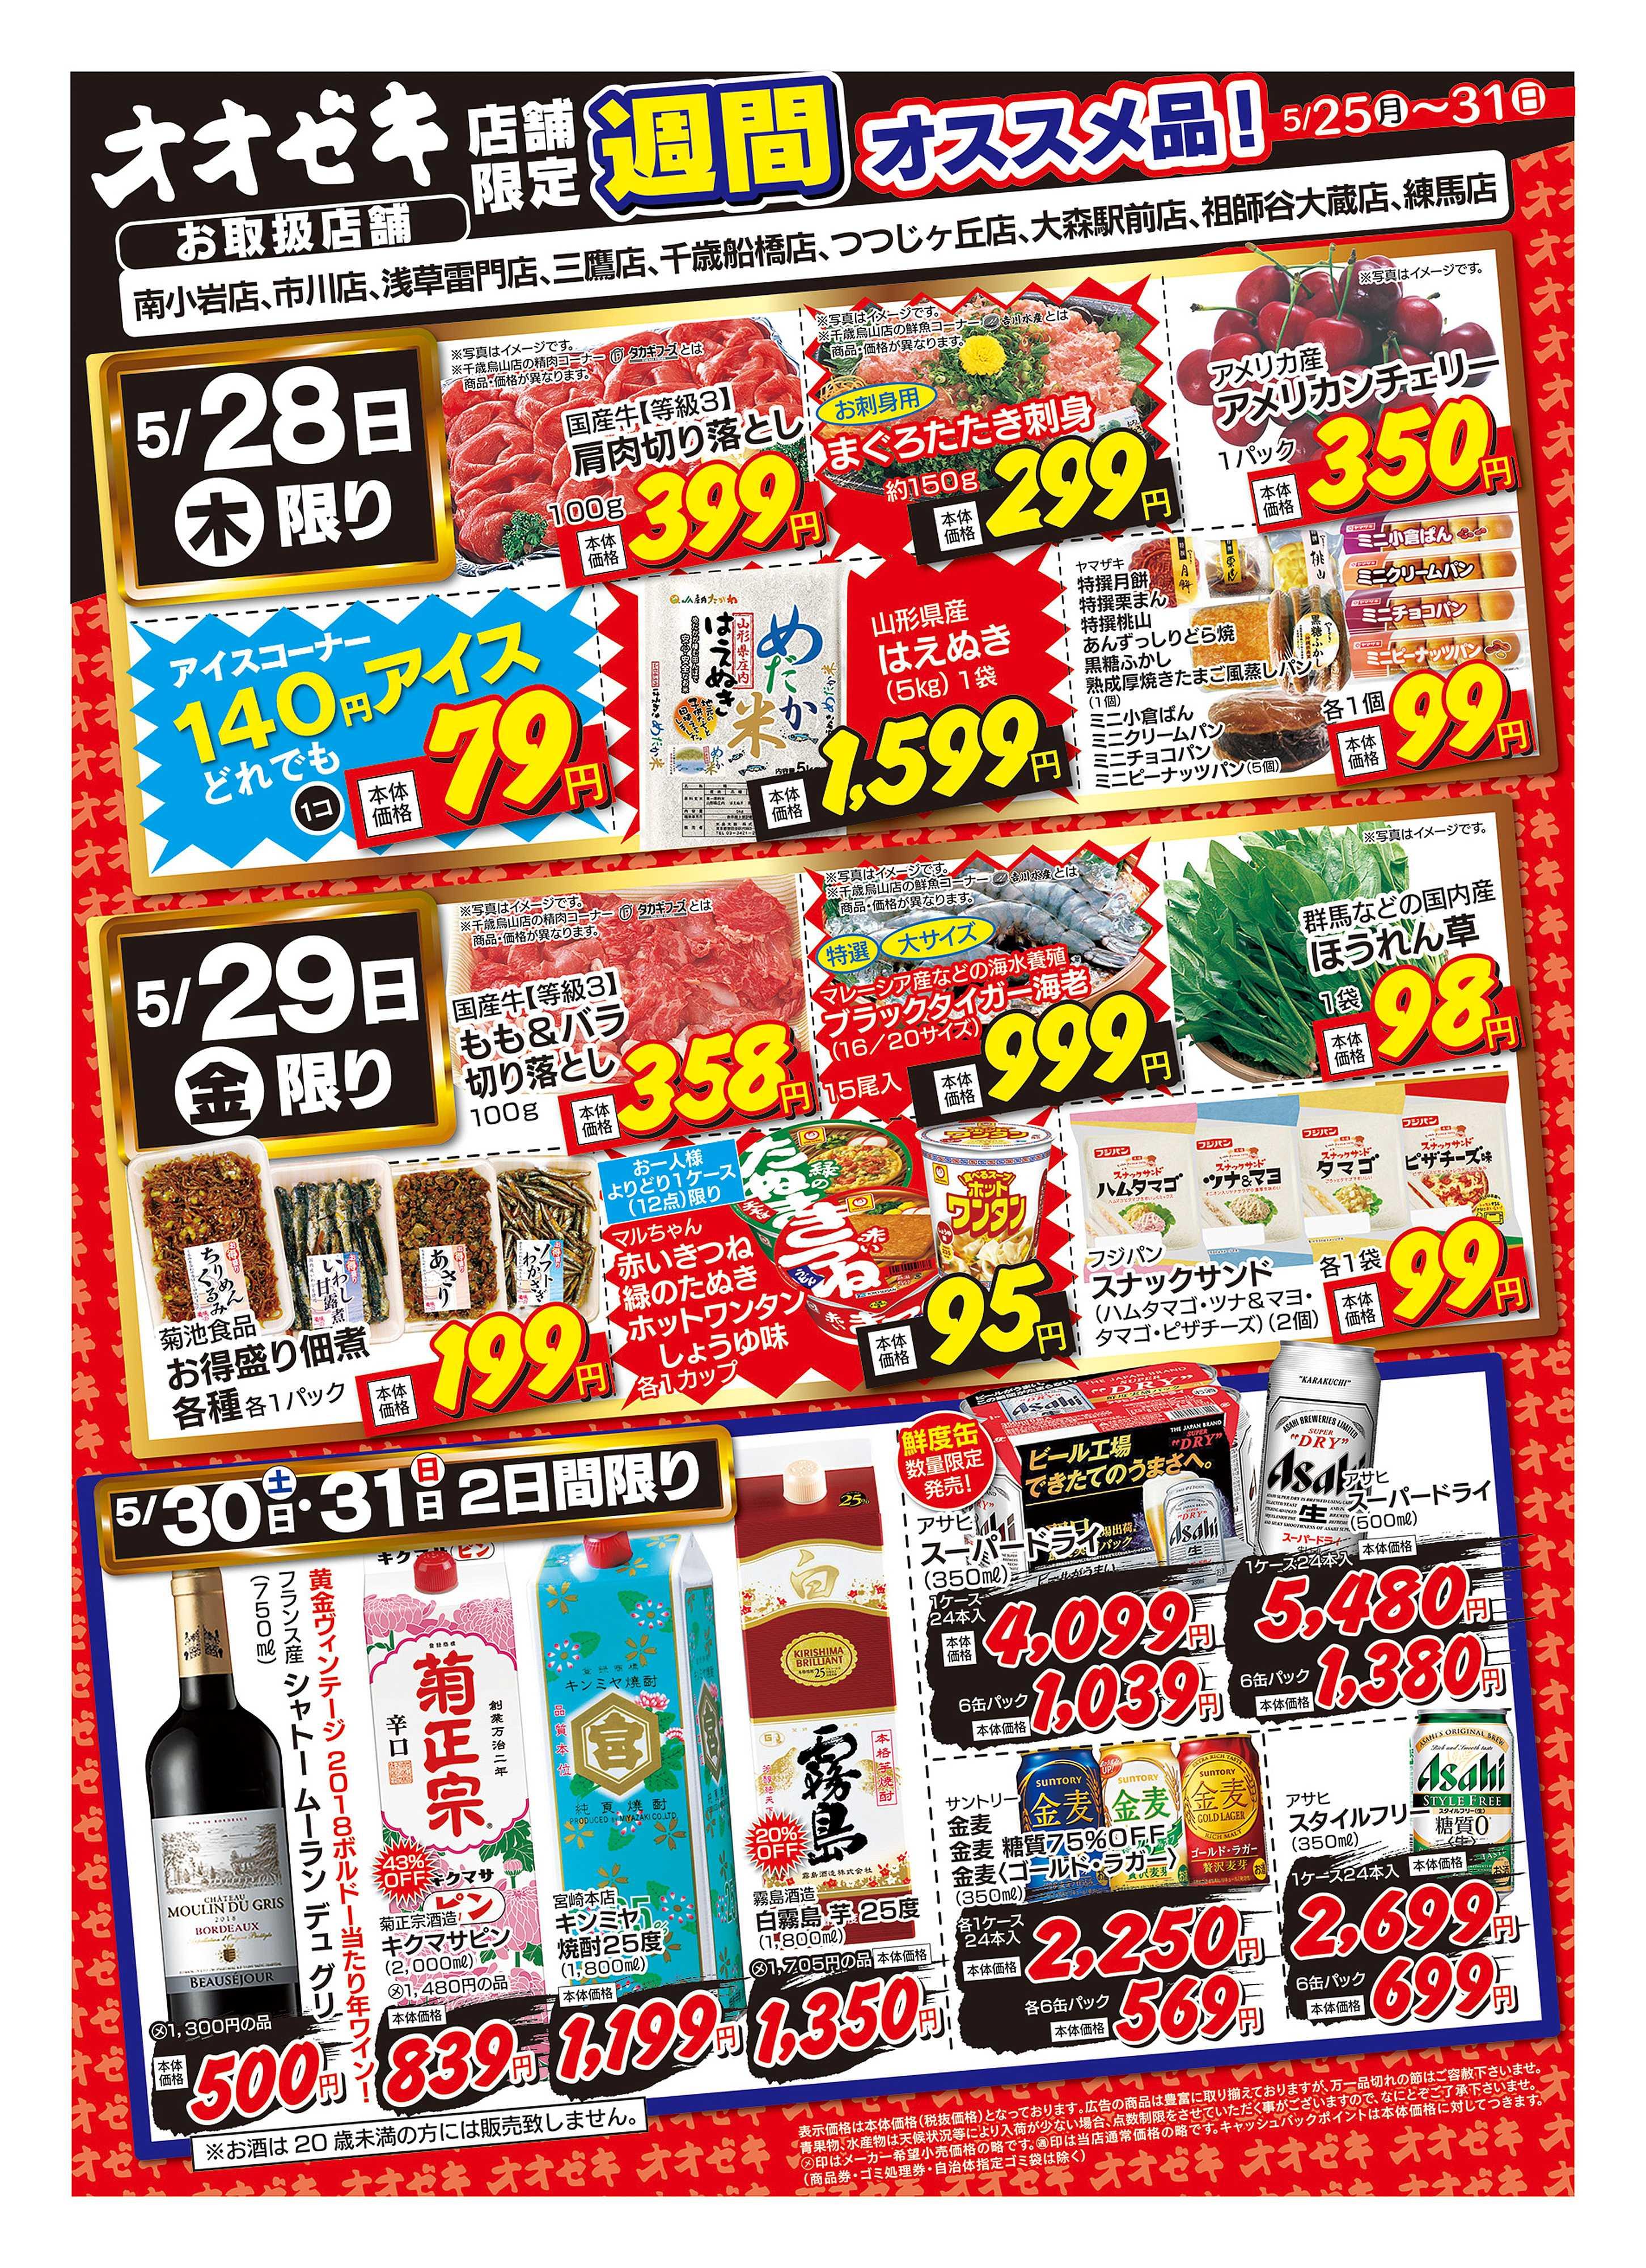 オオゼキ 5/25~31 店舗限定週間オススメ品!